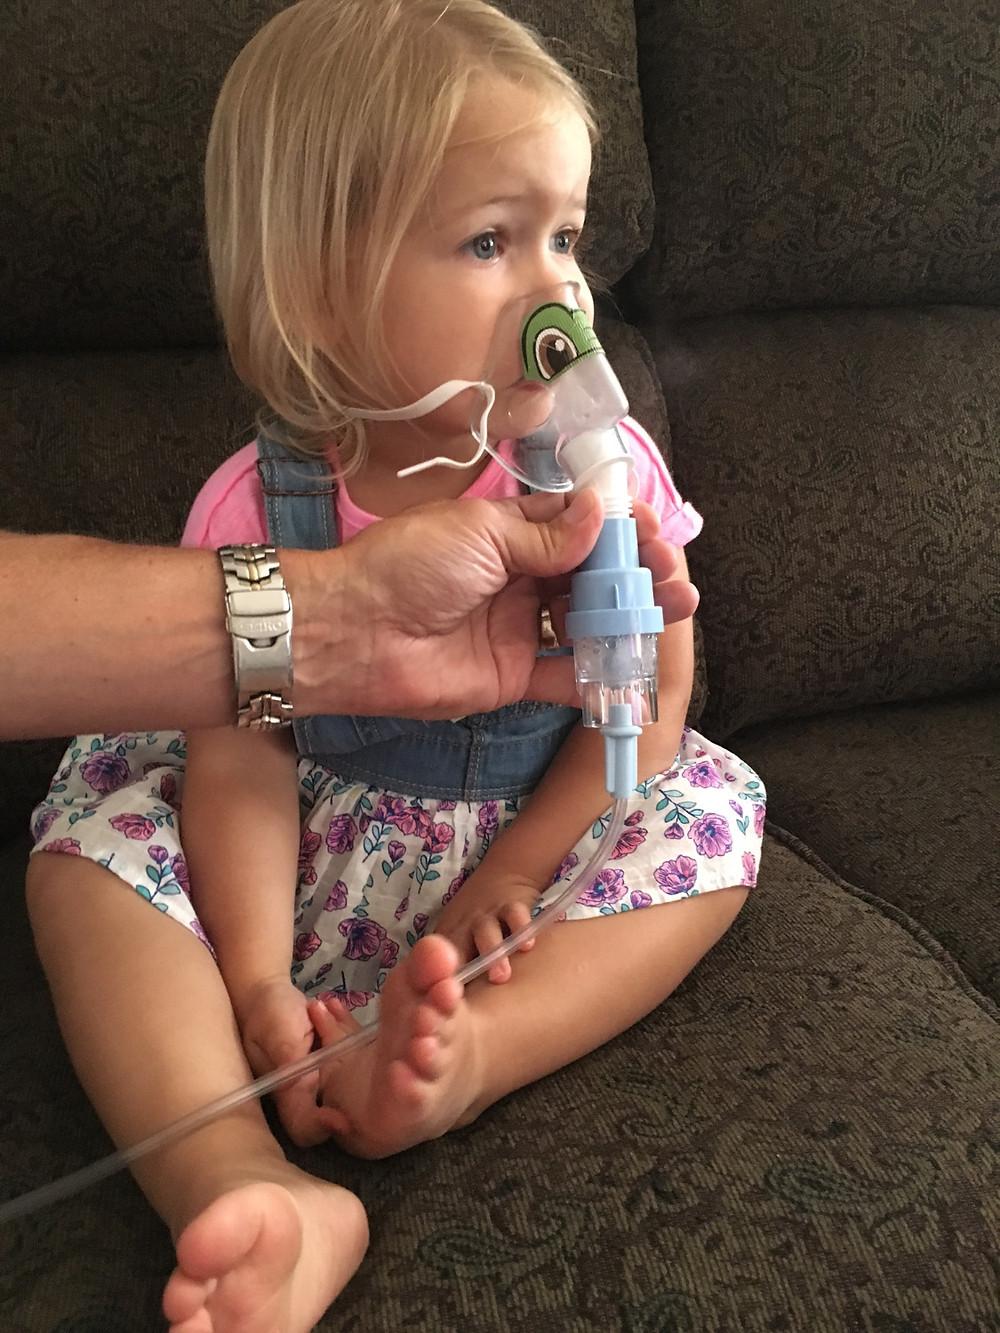 Avie on her nebulizer